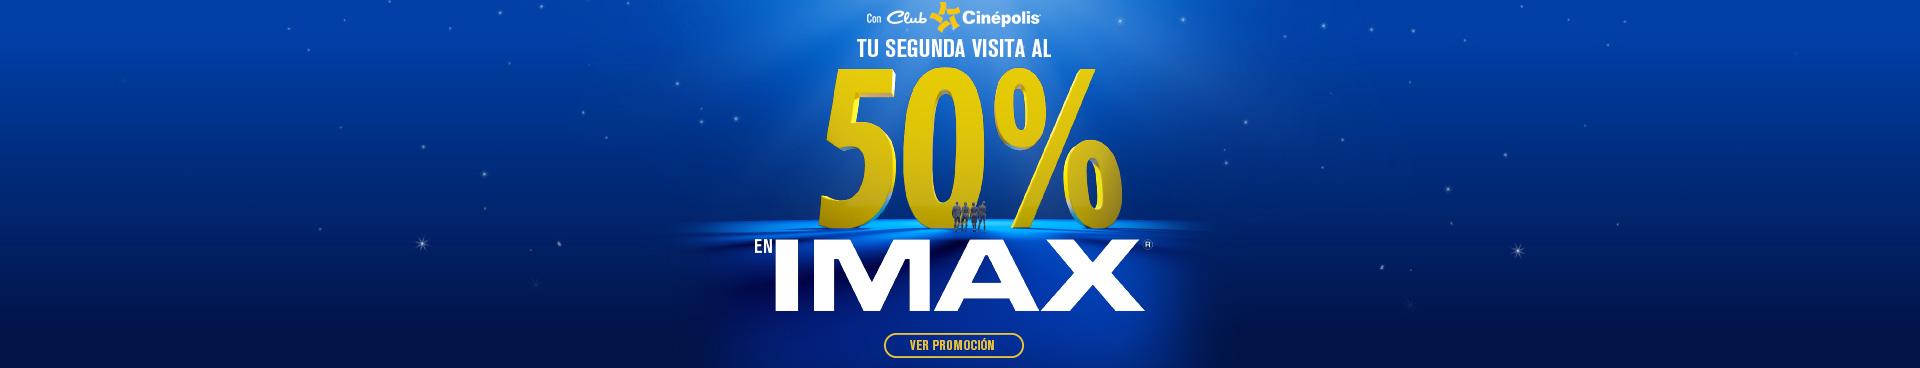 Promoción IMAX TCC